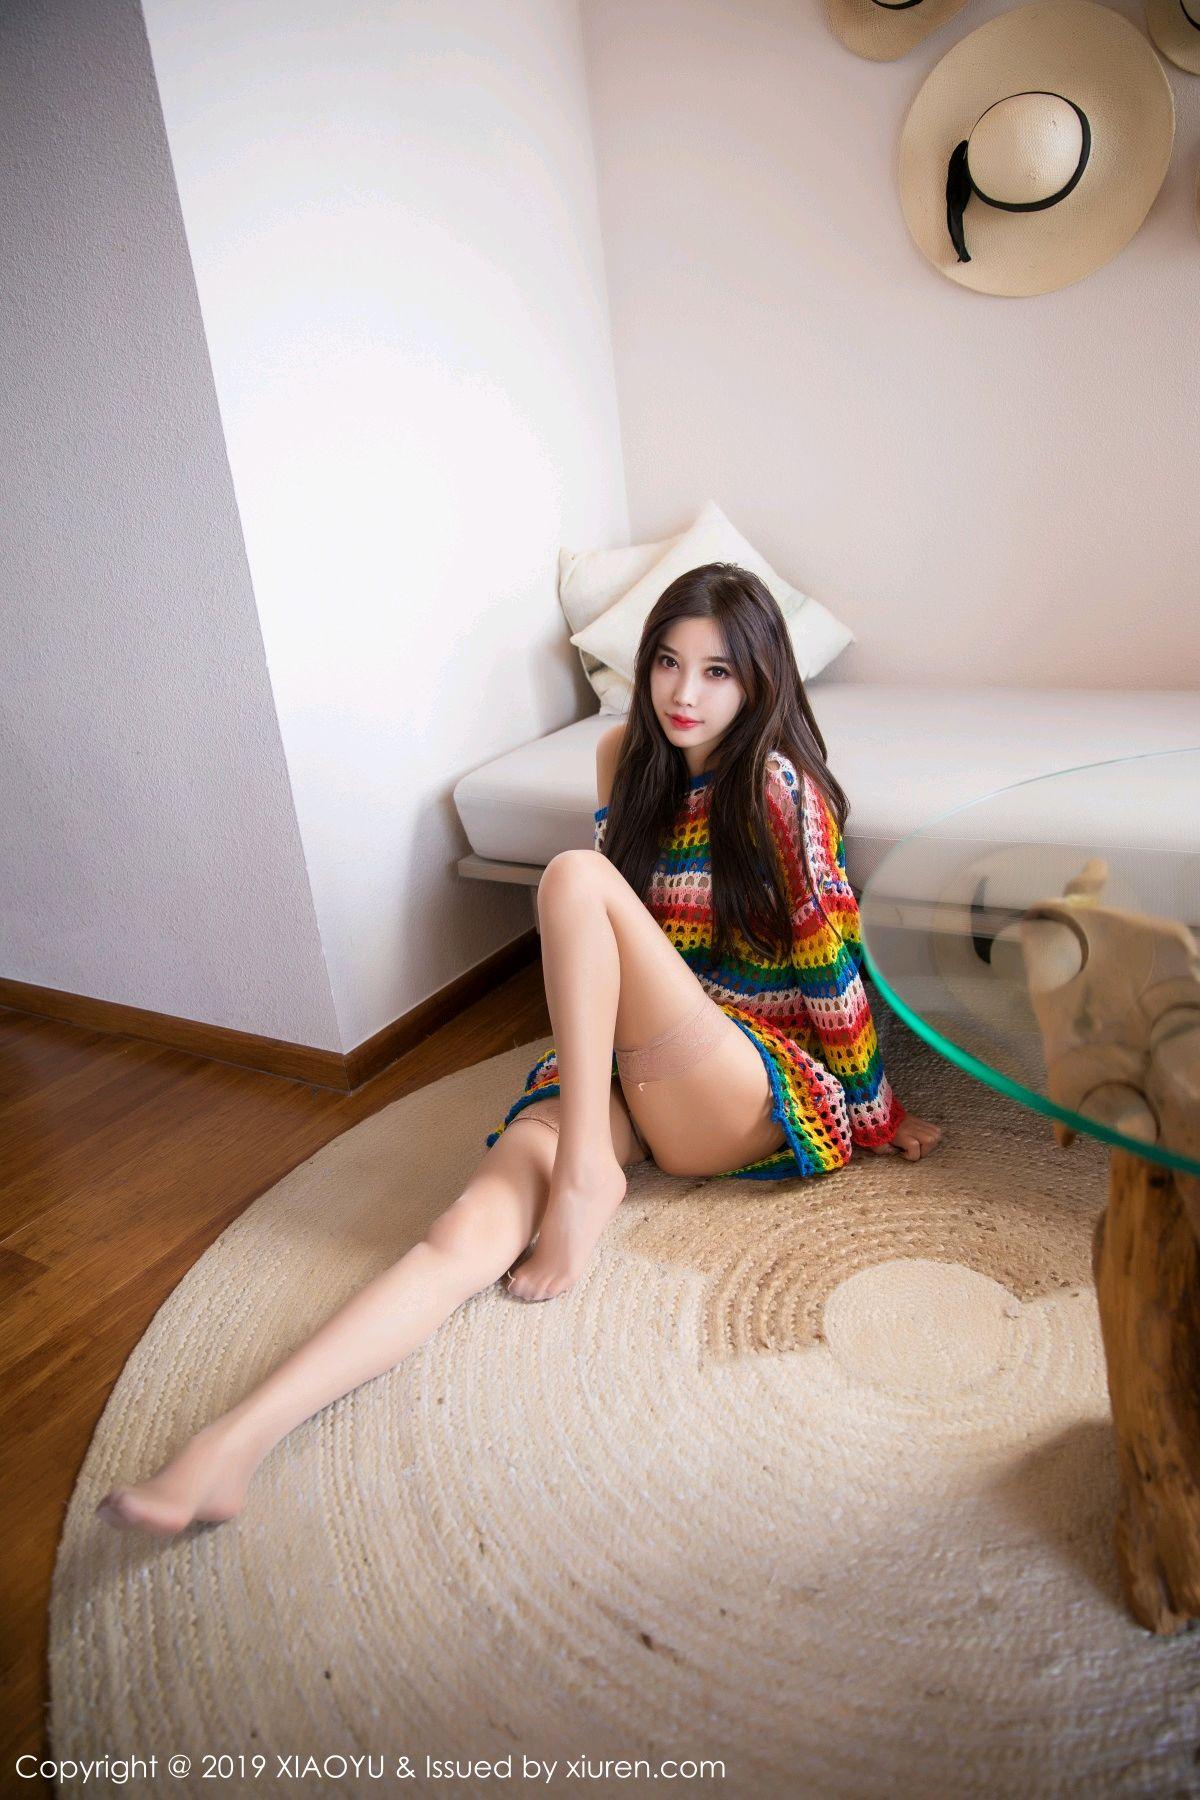 [XiaoYu] Vol.067 Yang Chen Chen 6P, Beach, Underwear, XiaoYu, Yang Chen Chen